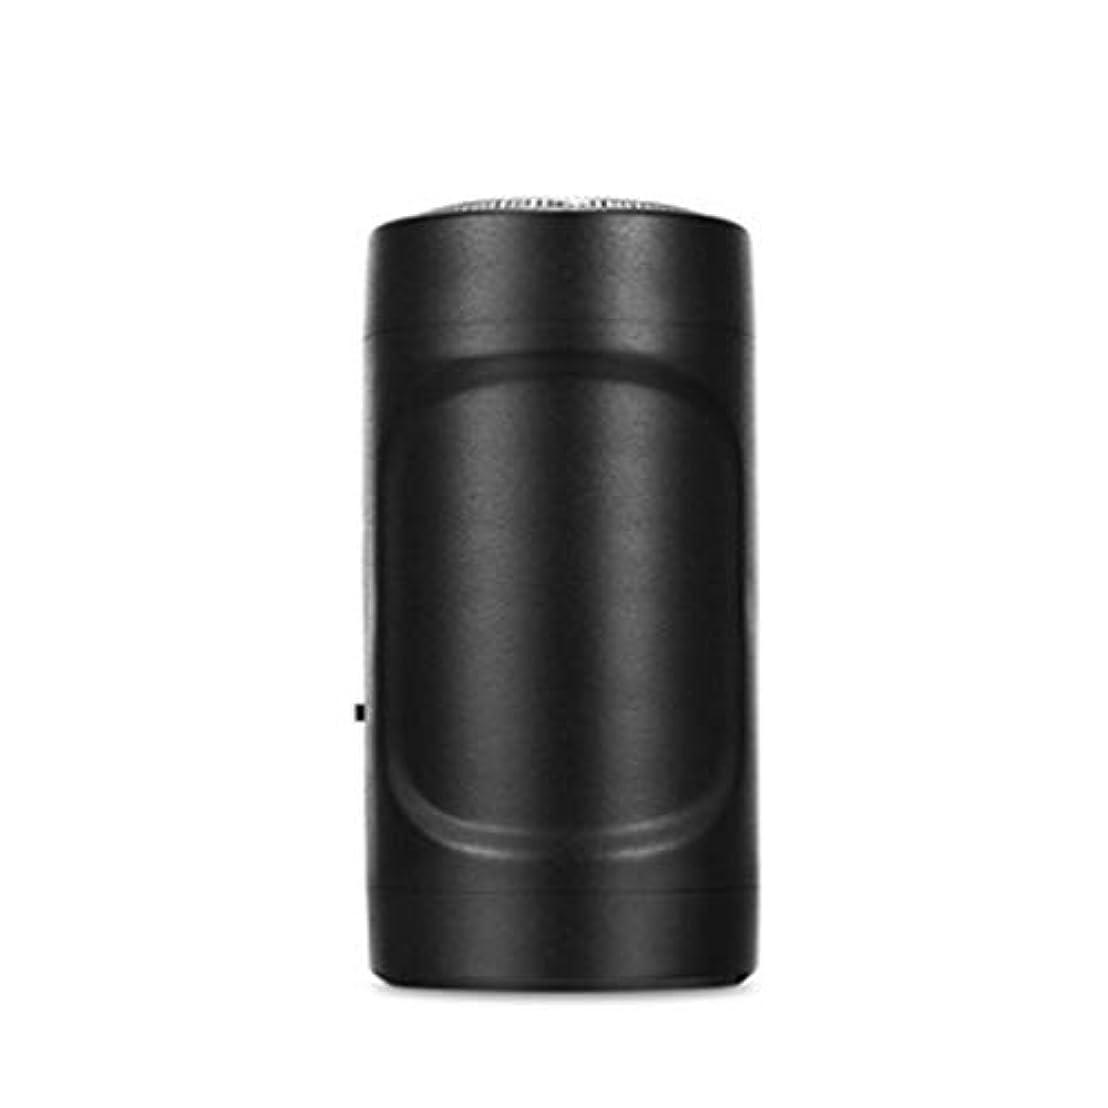 夕暮れ装備するこんにちはミニシェーバーUSBアップルアンドロイドミニエピレータ屋外旅行懐中電灯ミニポケット,Black